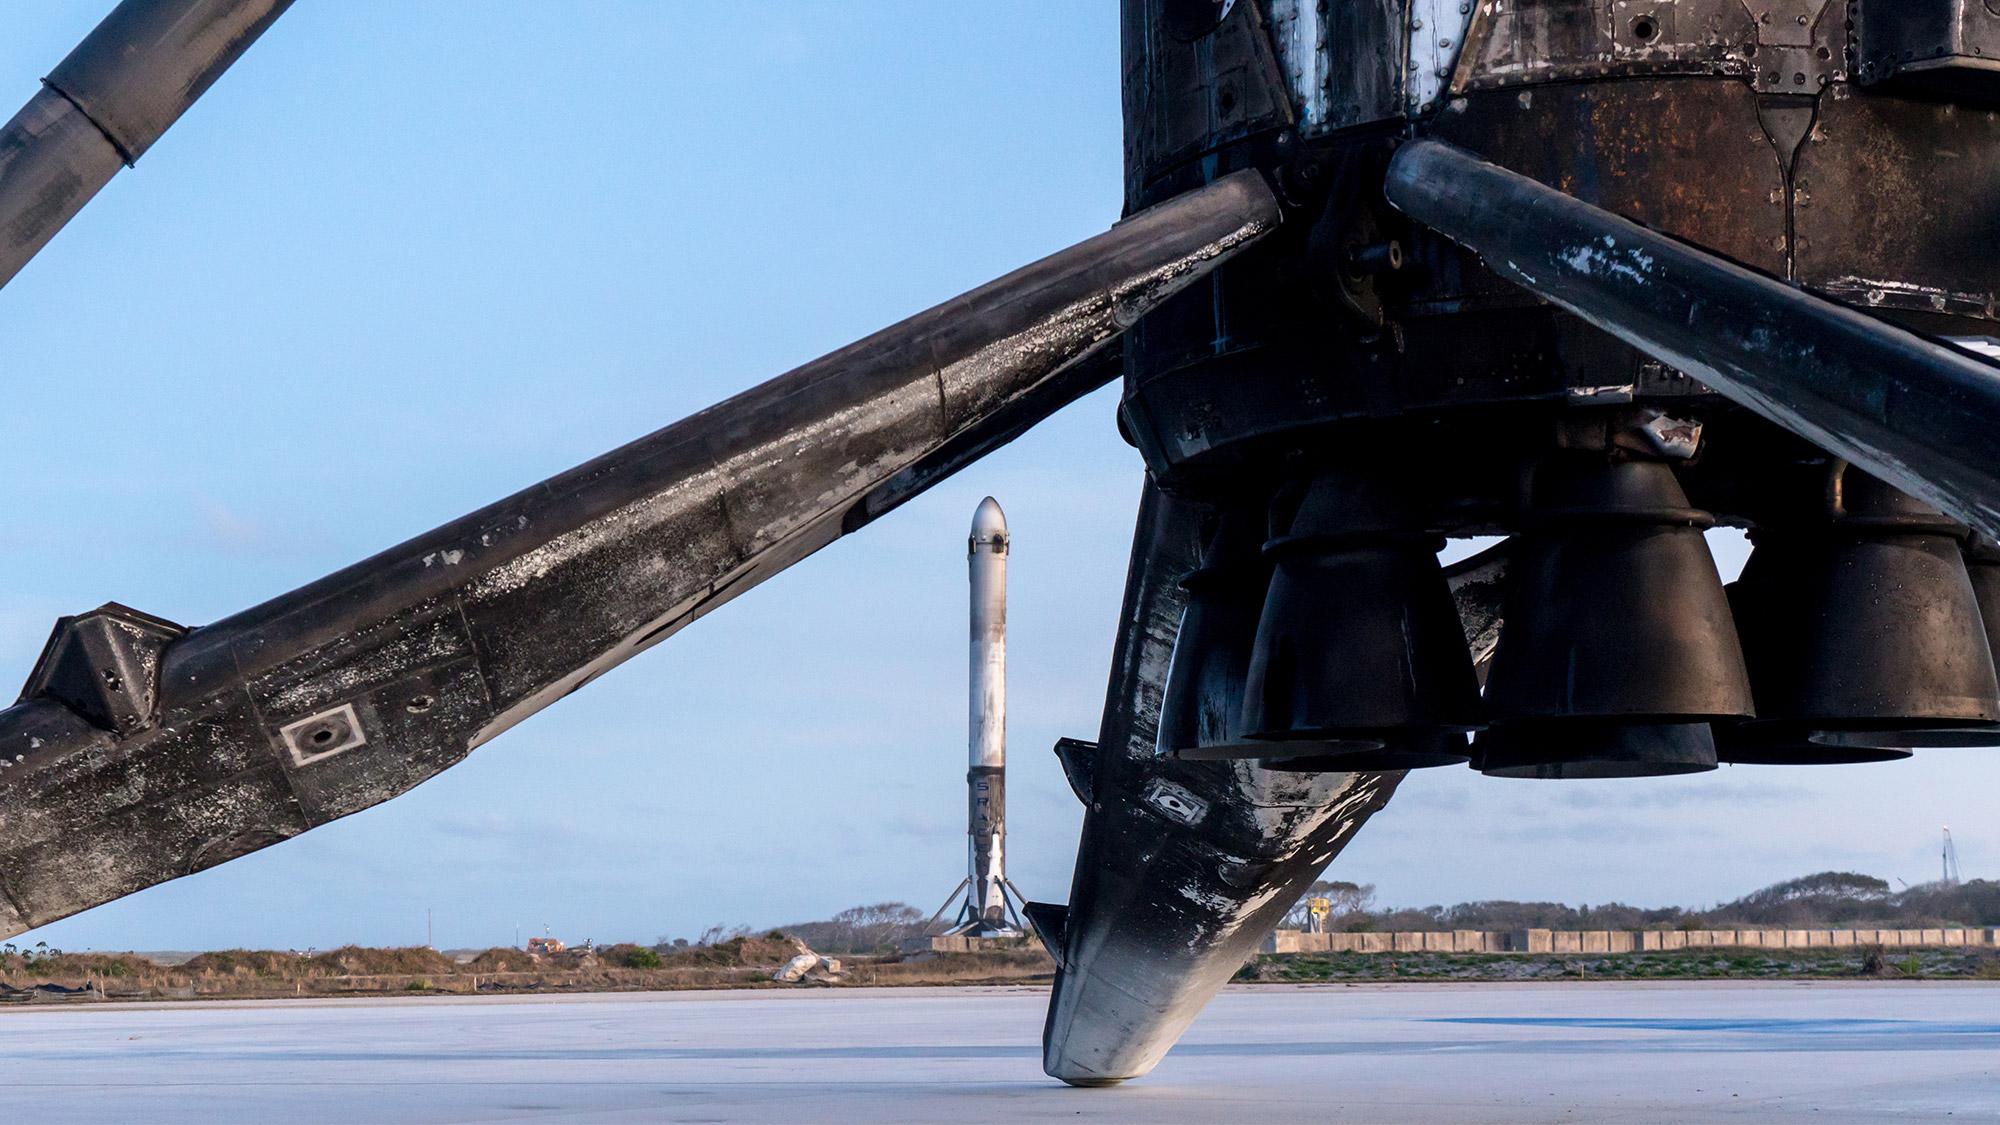 SpaceX : décollage réussi pour la fusée Falcon Heavy, les deux boosters latéraux ont été récupérés